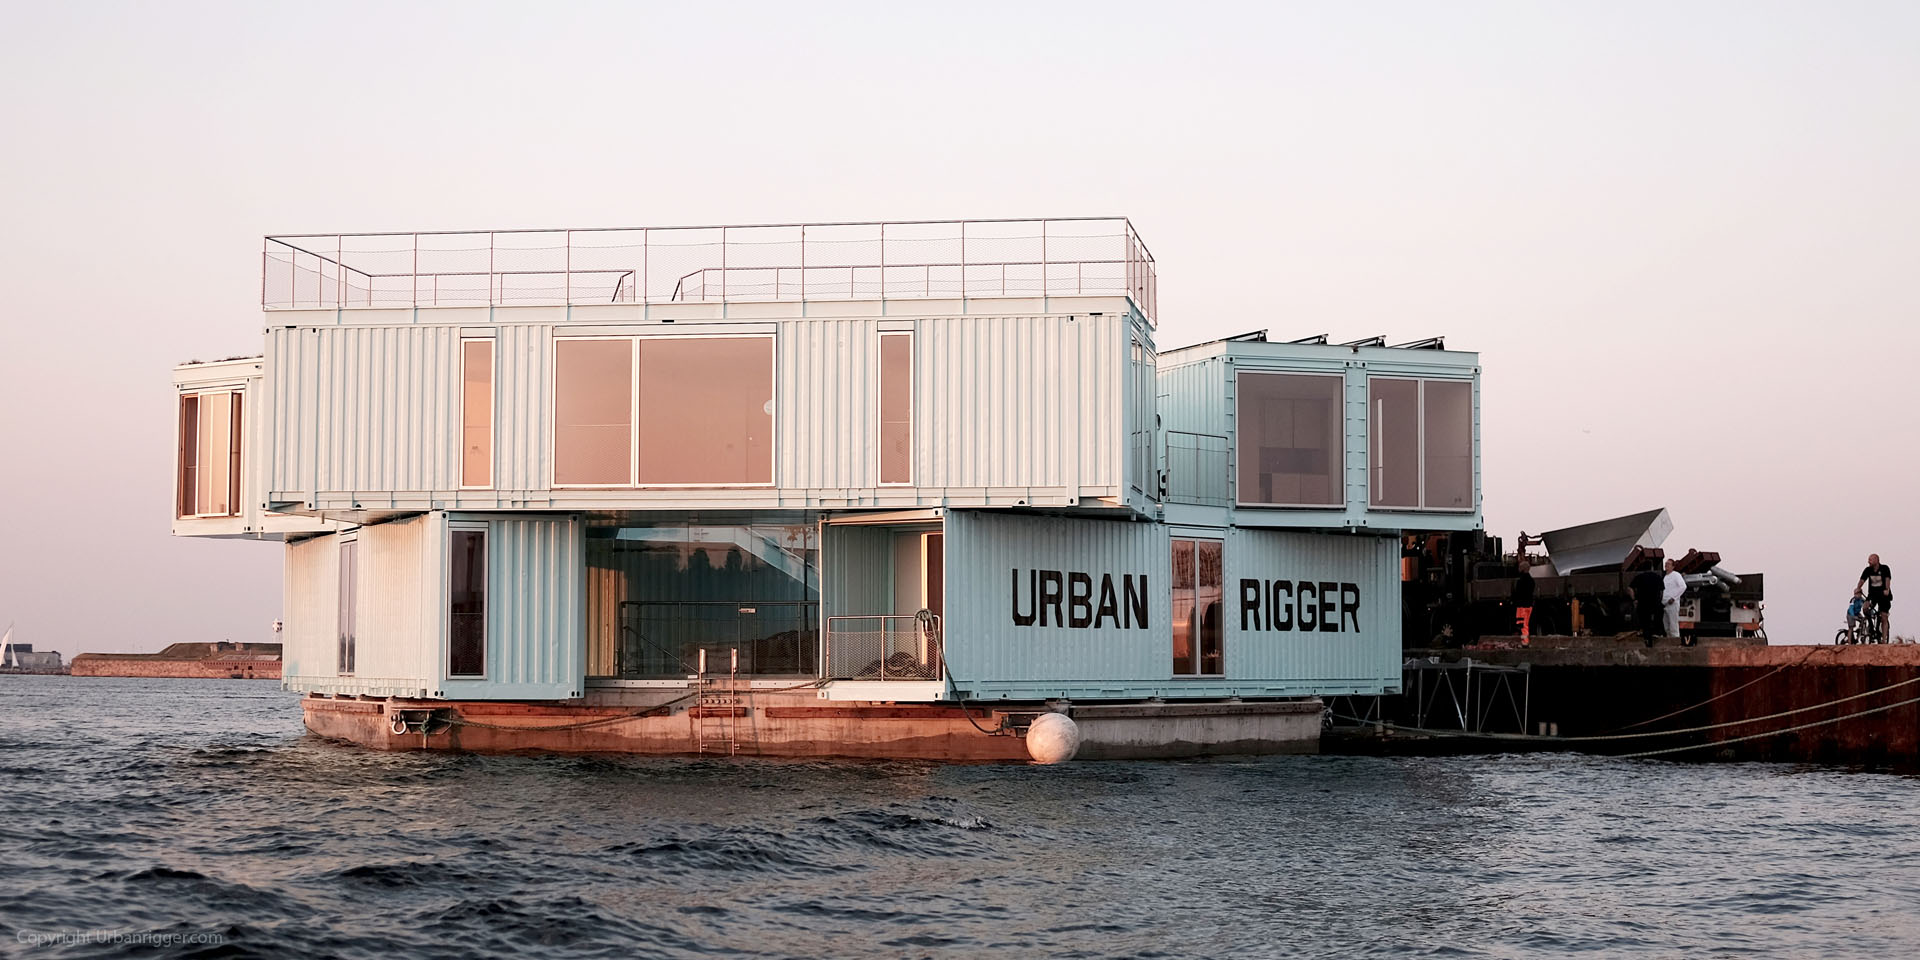 Студенческий кампус из контейнеров в Копенгагене (14 фото)